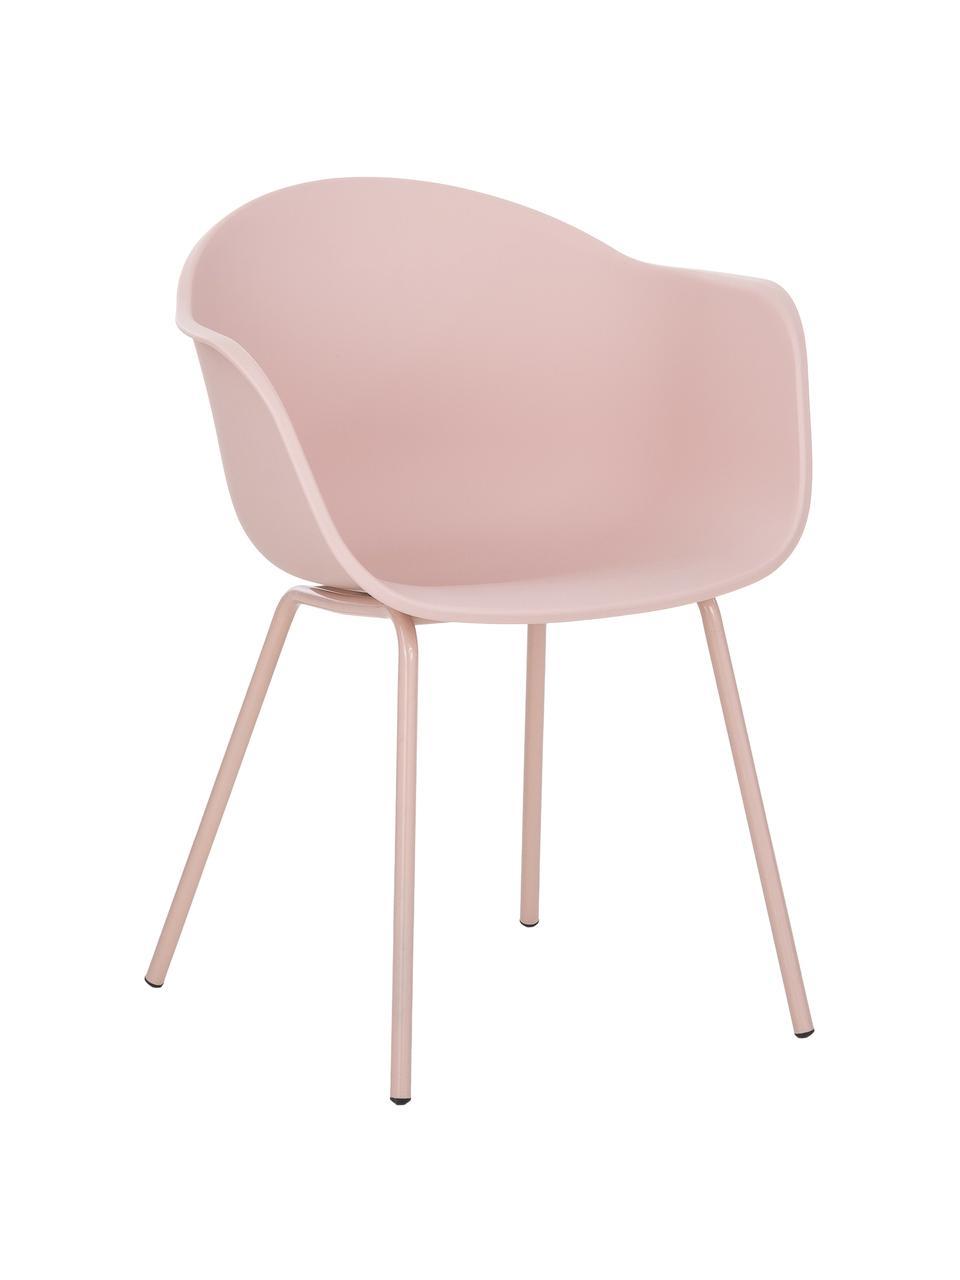 Kunststoff-Armlehnstuhl Claire mit Metallbeinen, Sitzschale: Kunststoff, Beine: Metall, pulverbeschichtet, Rosa, B 60 x T 54 cm